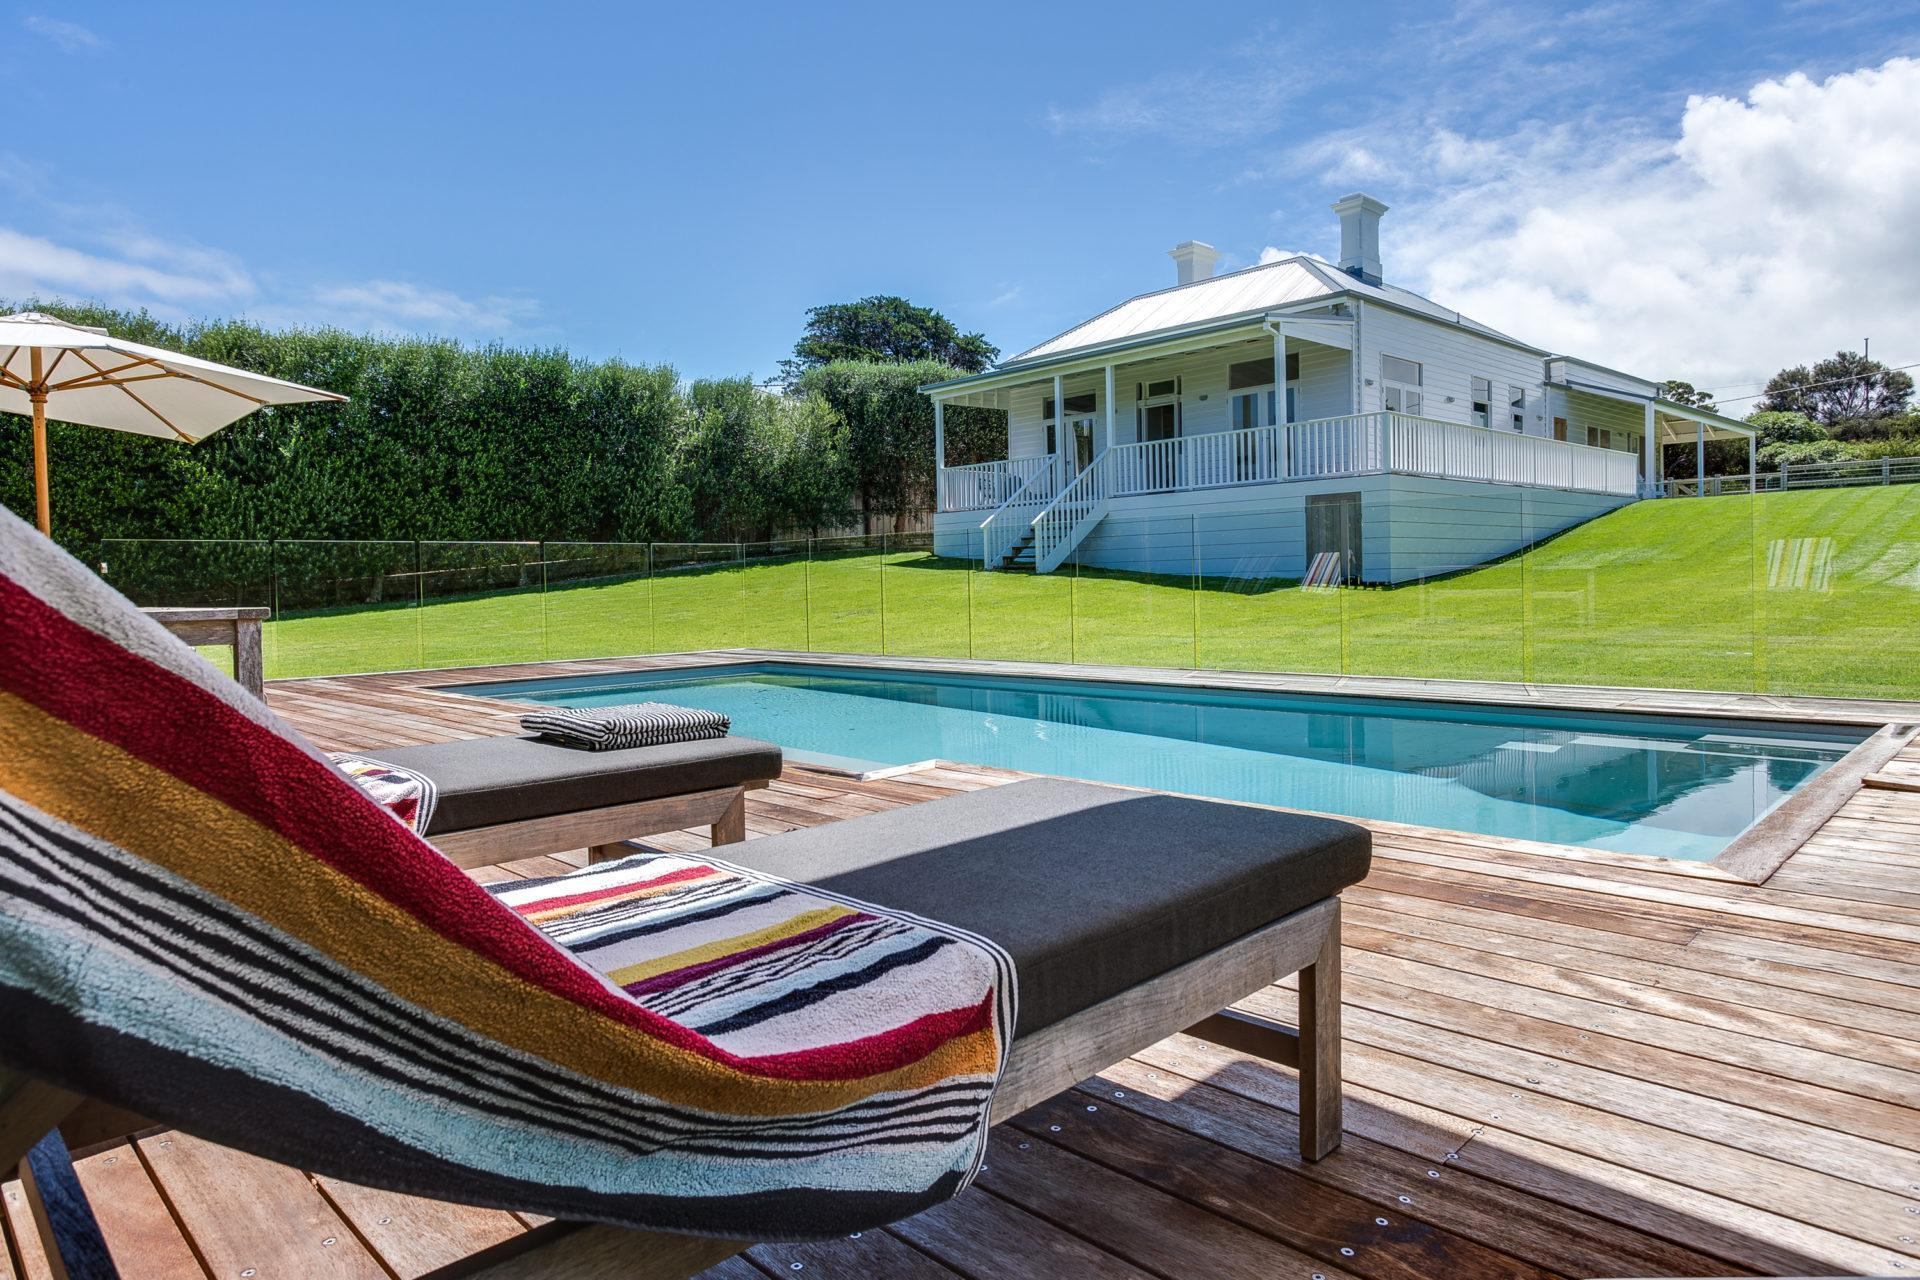 4 Bedrooms House Luxury On Boroondara